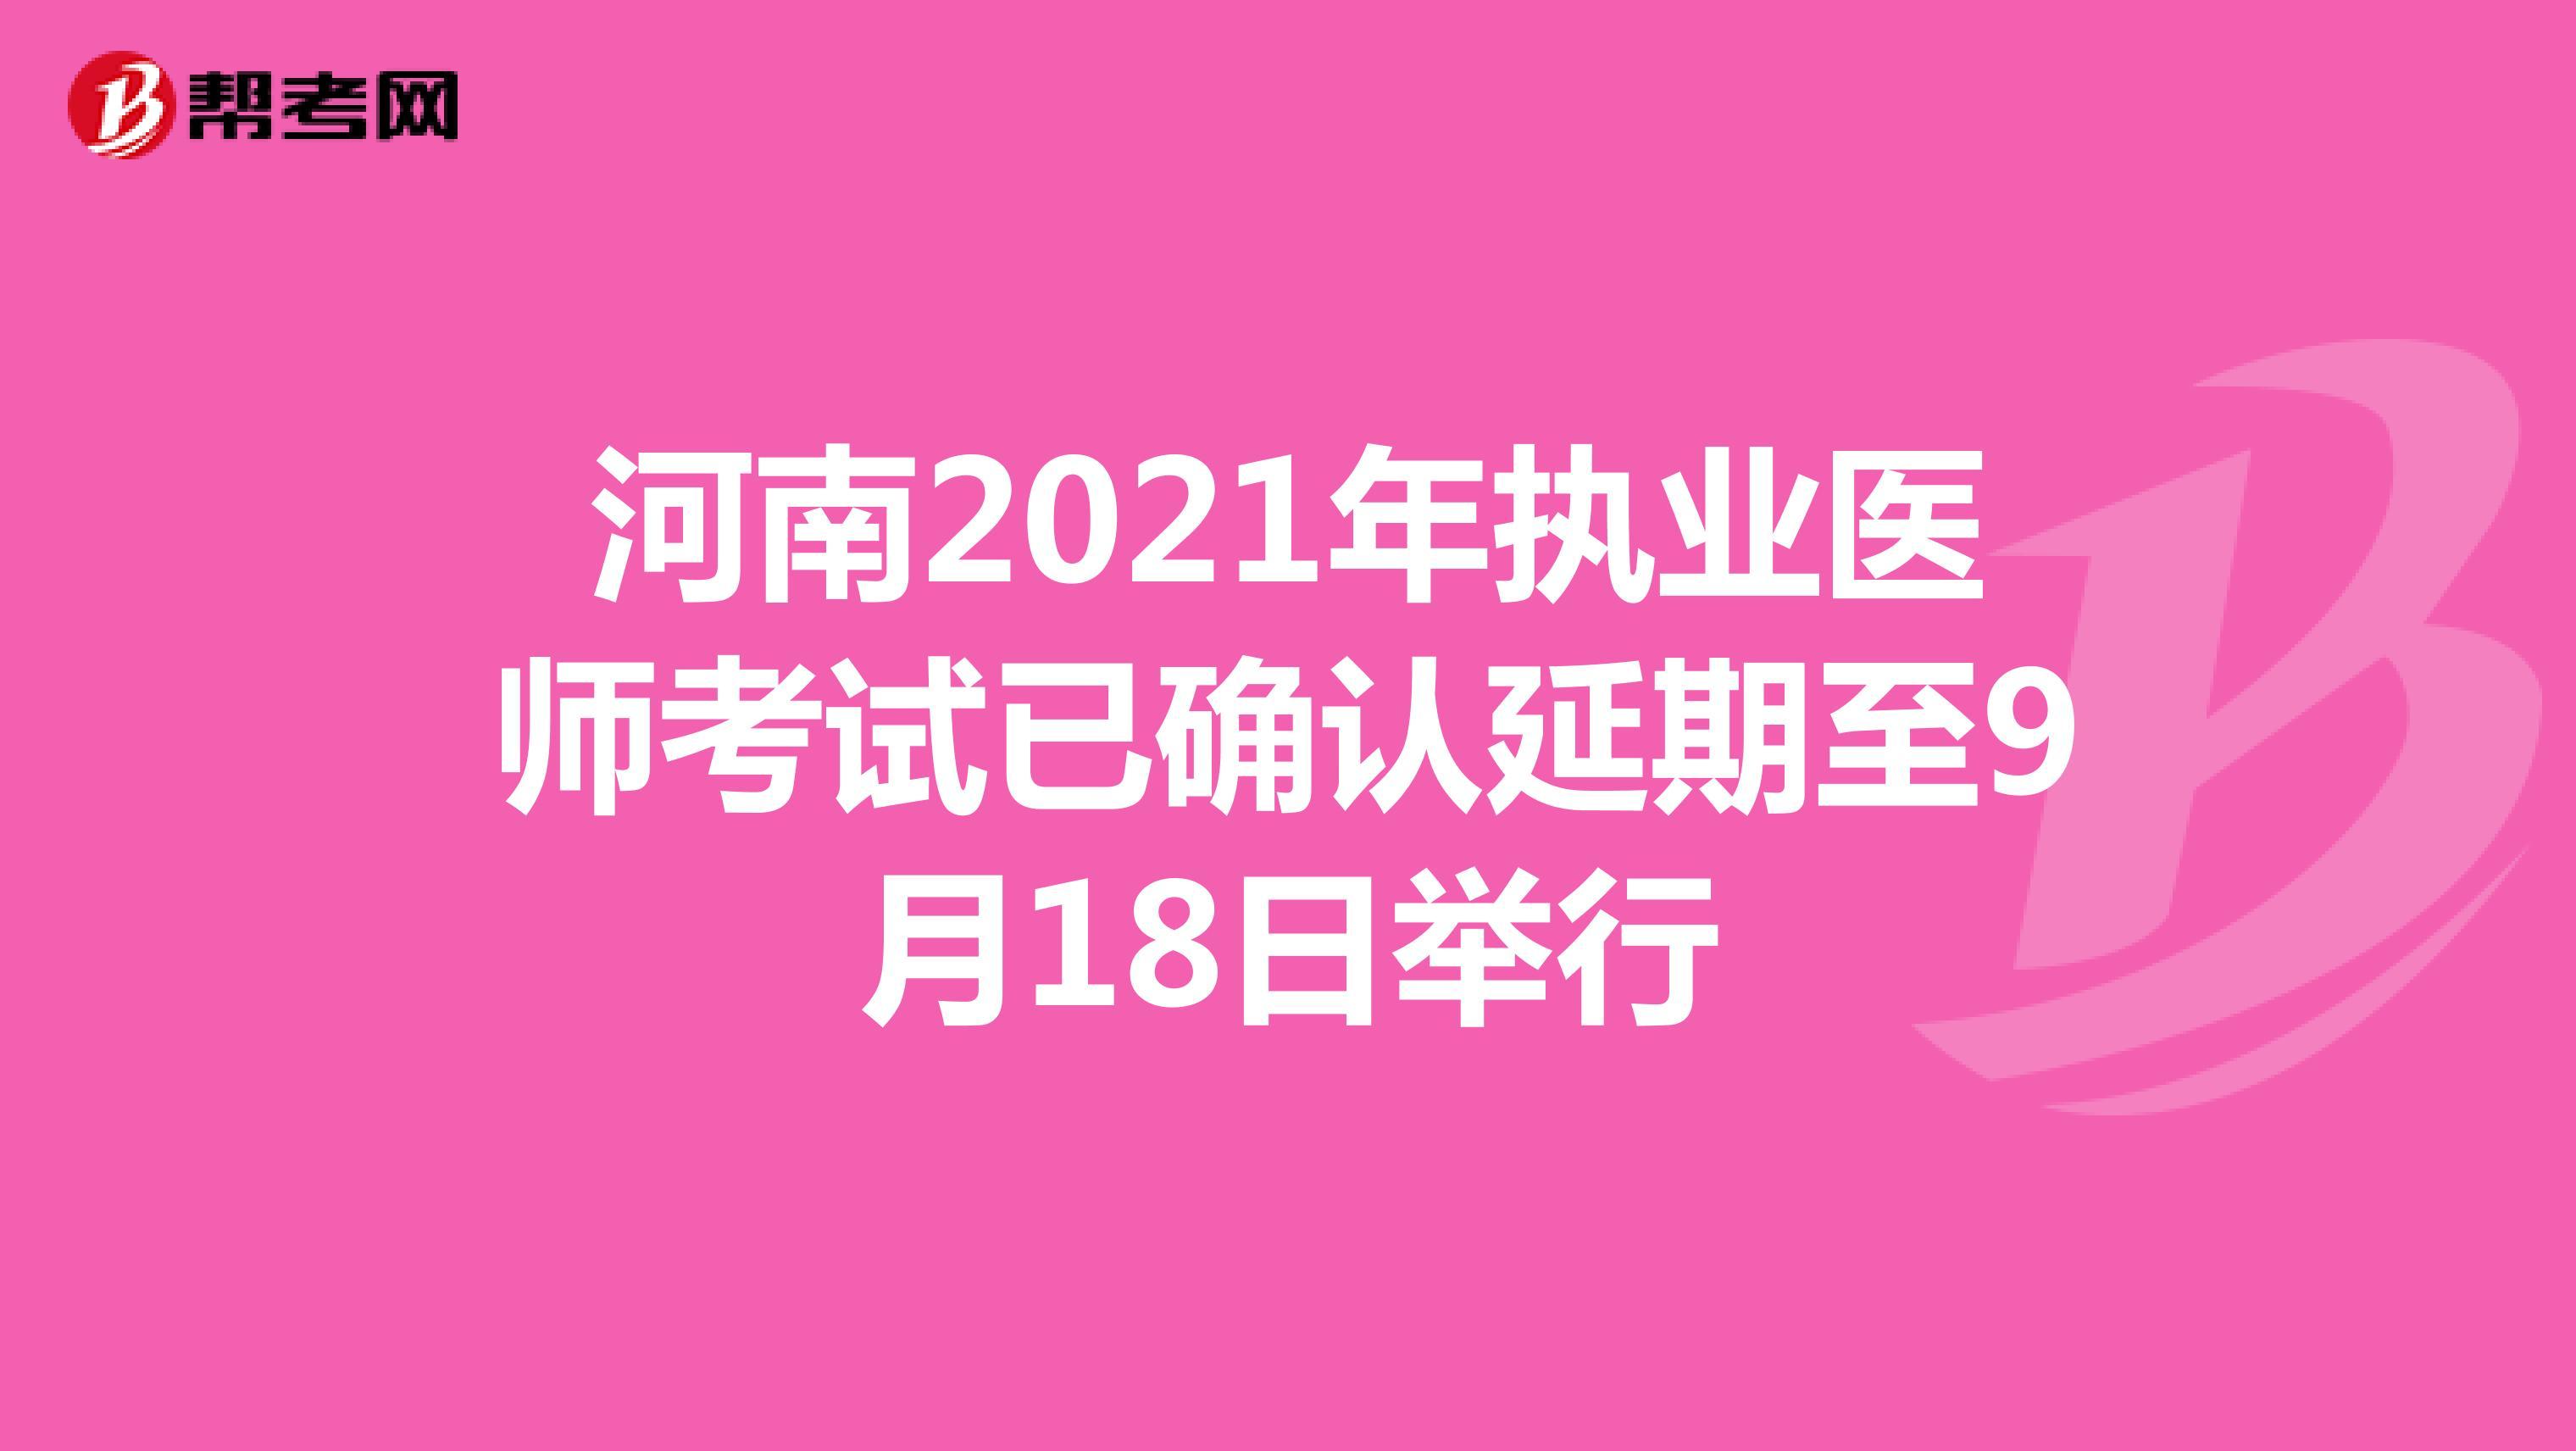 河南2021年执业医师考试已确认延期至9月18日举行